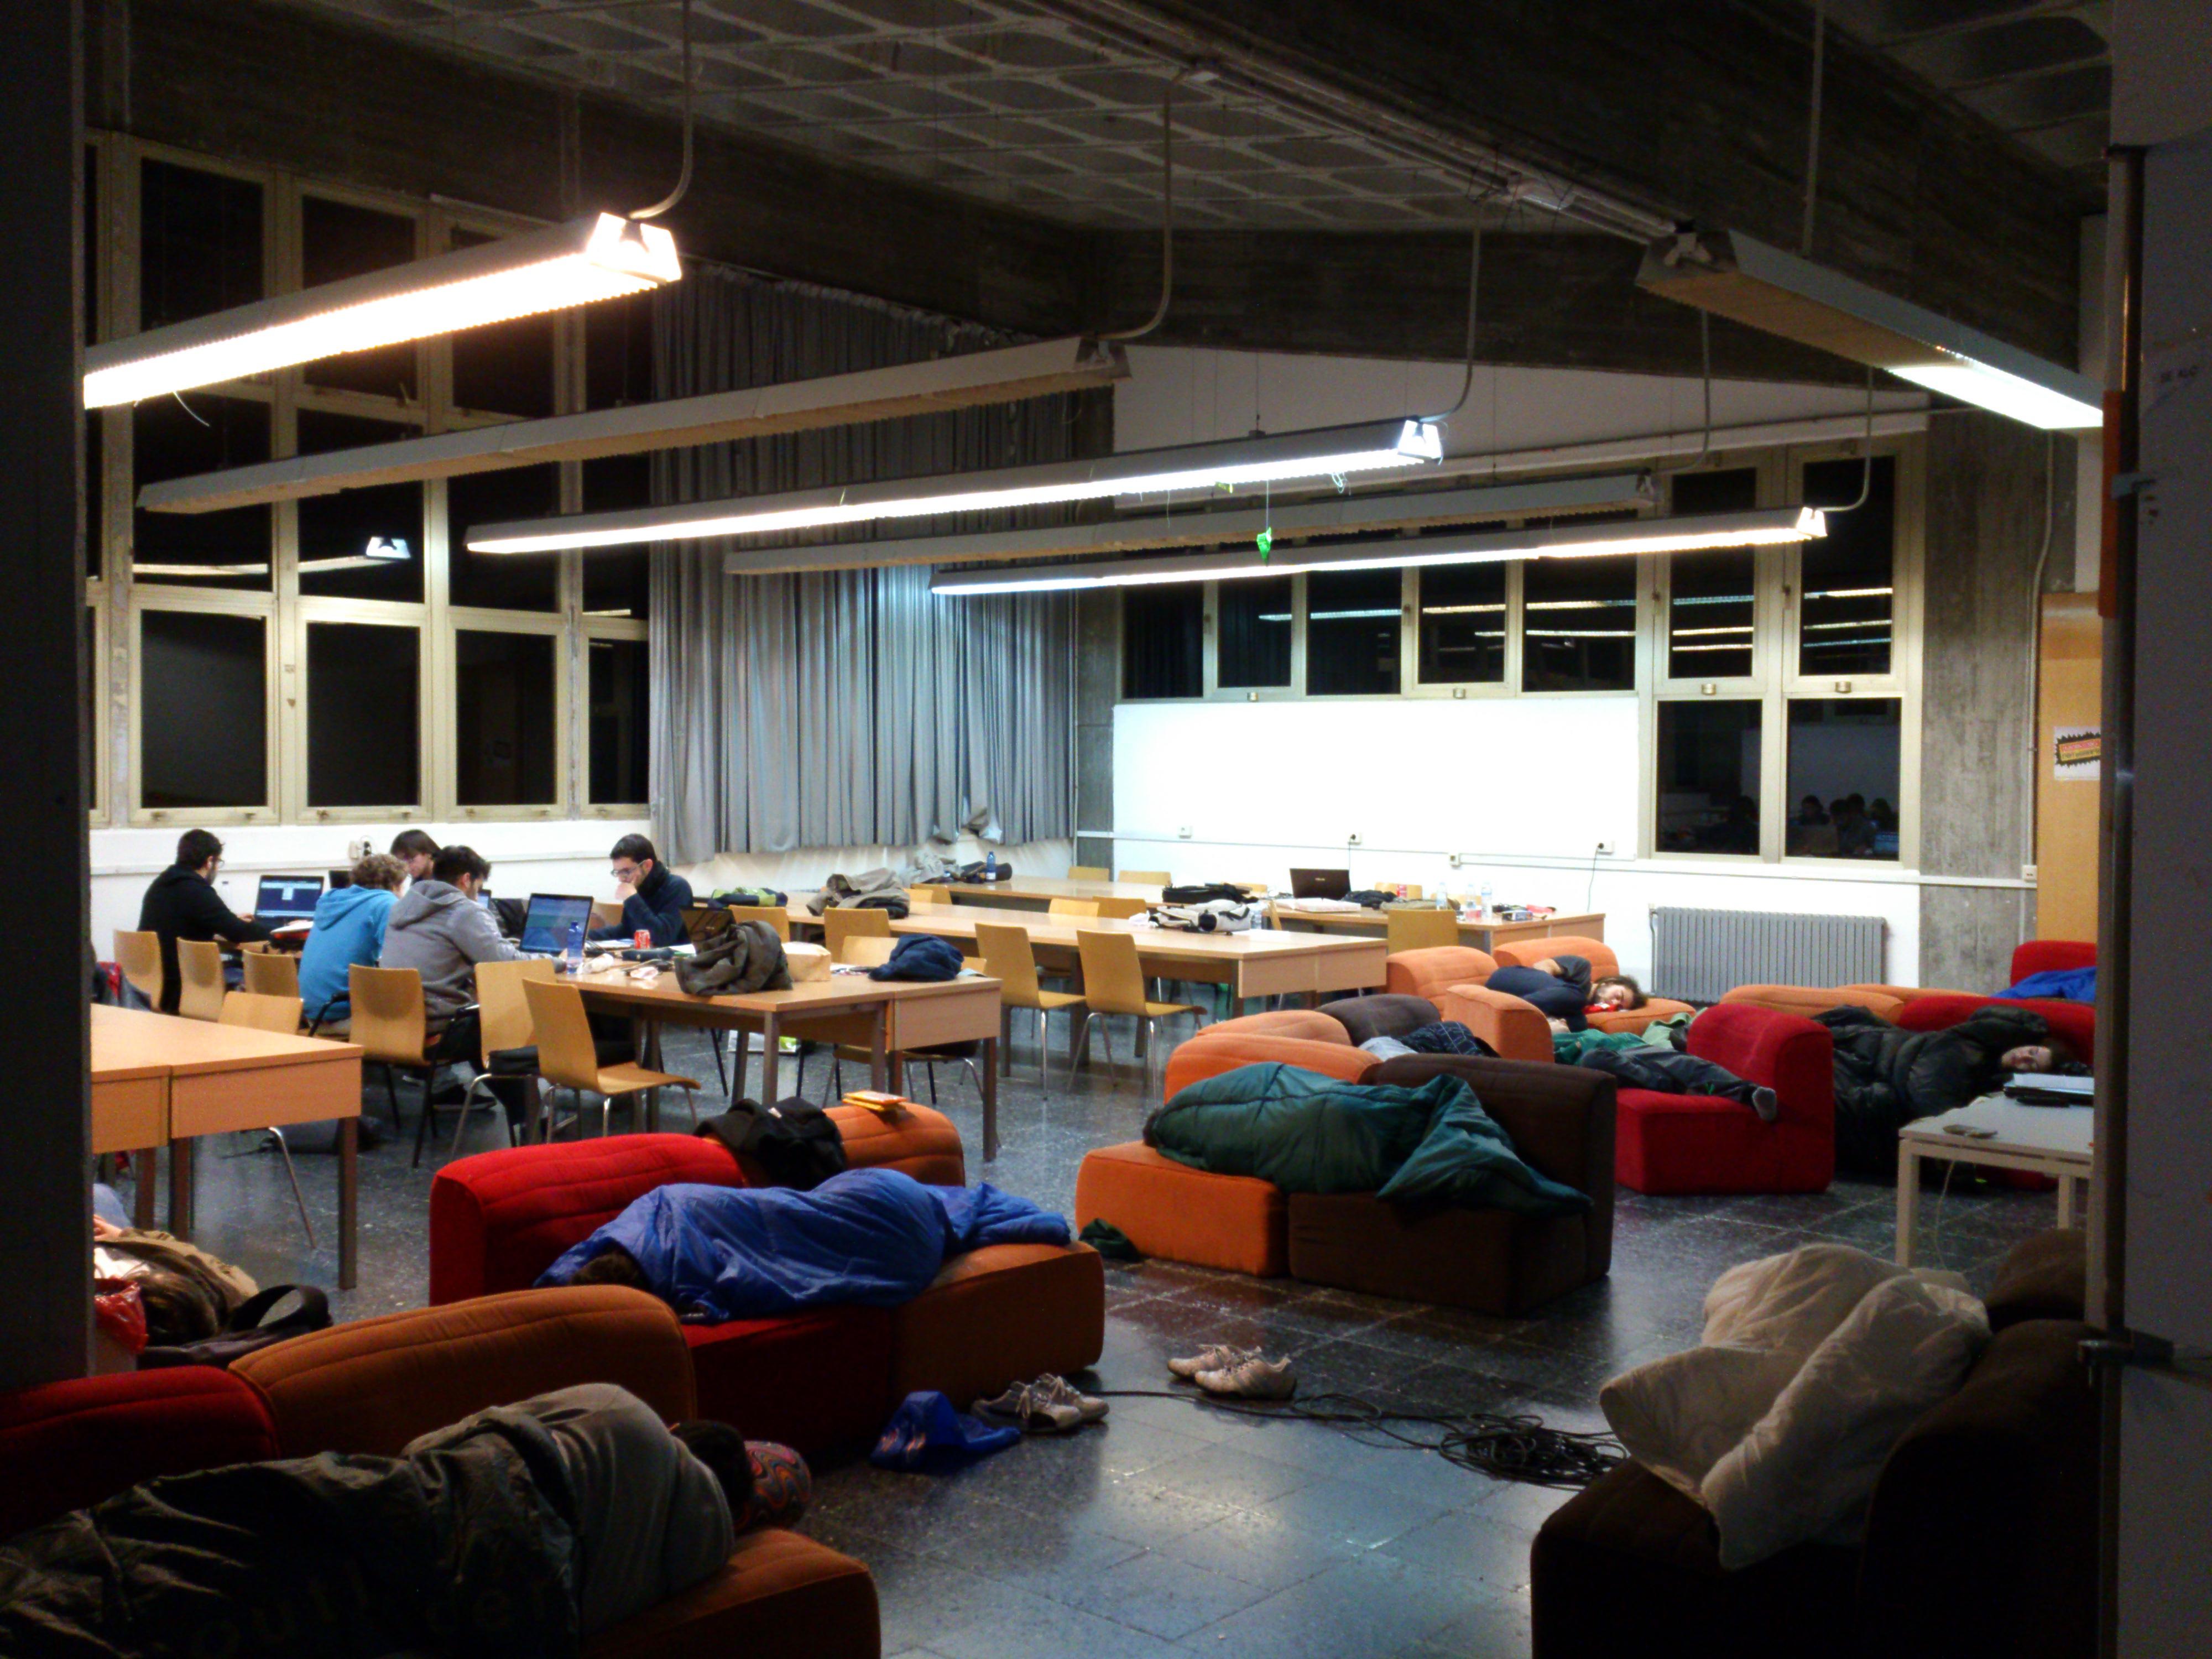 6:30 de la mañana, muchos intentan descansar